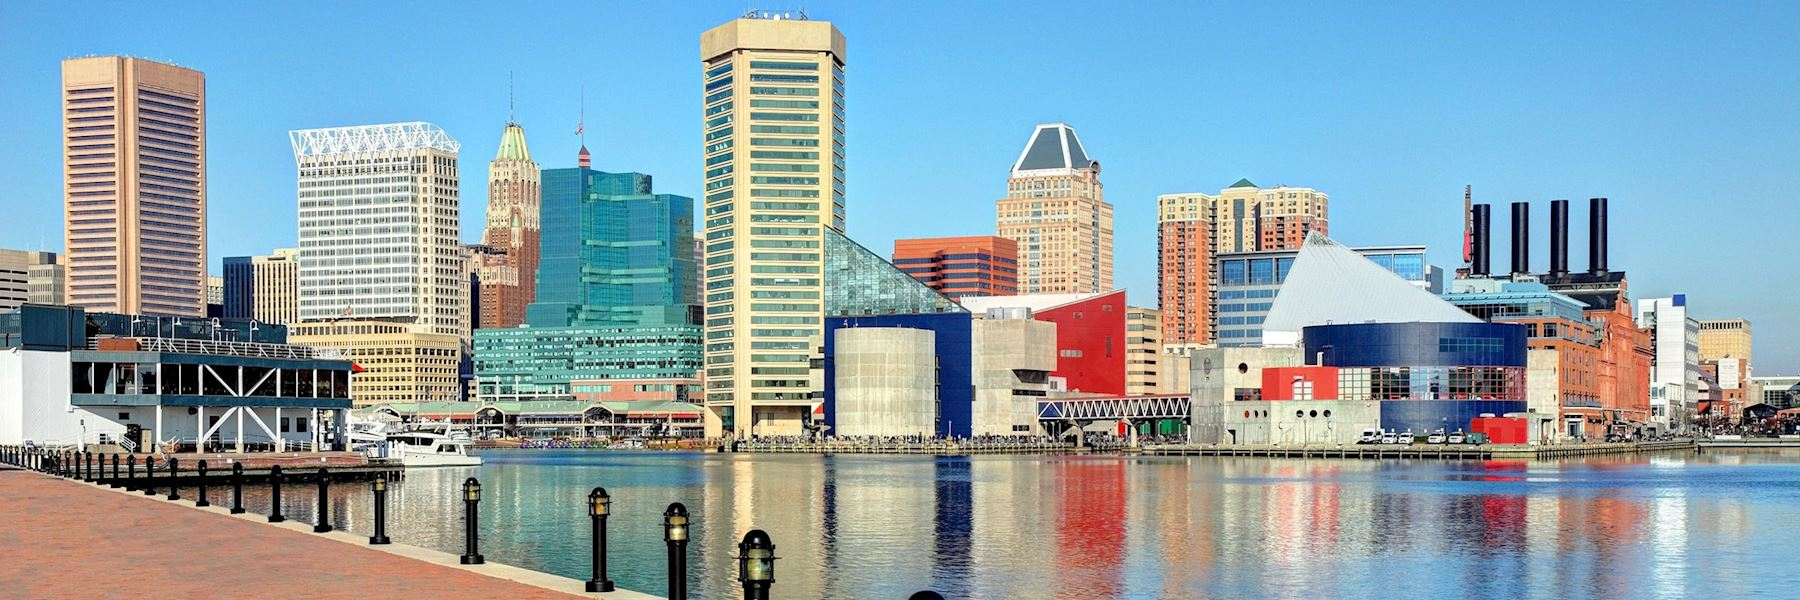 Visit Baltimore, USA